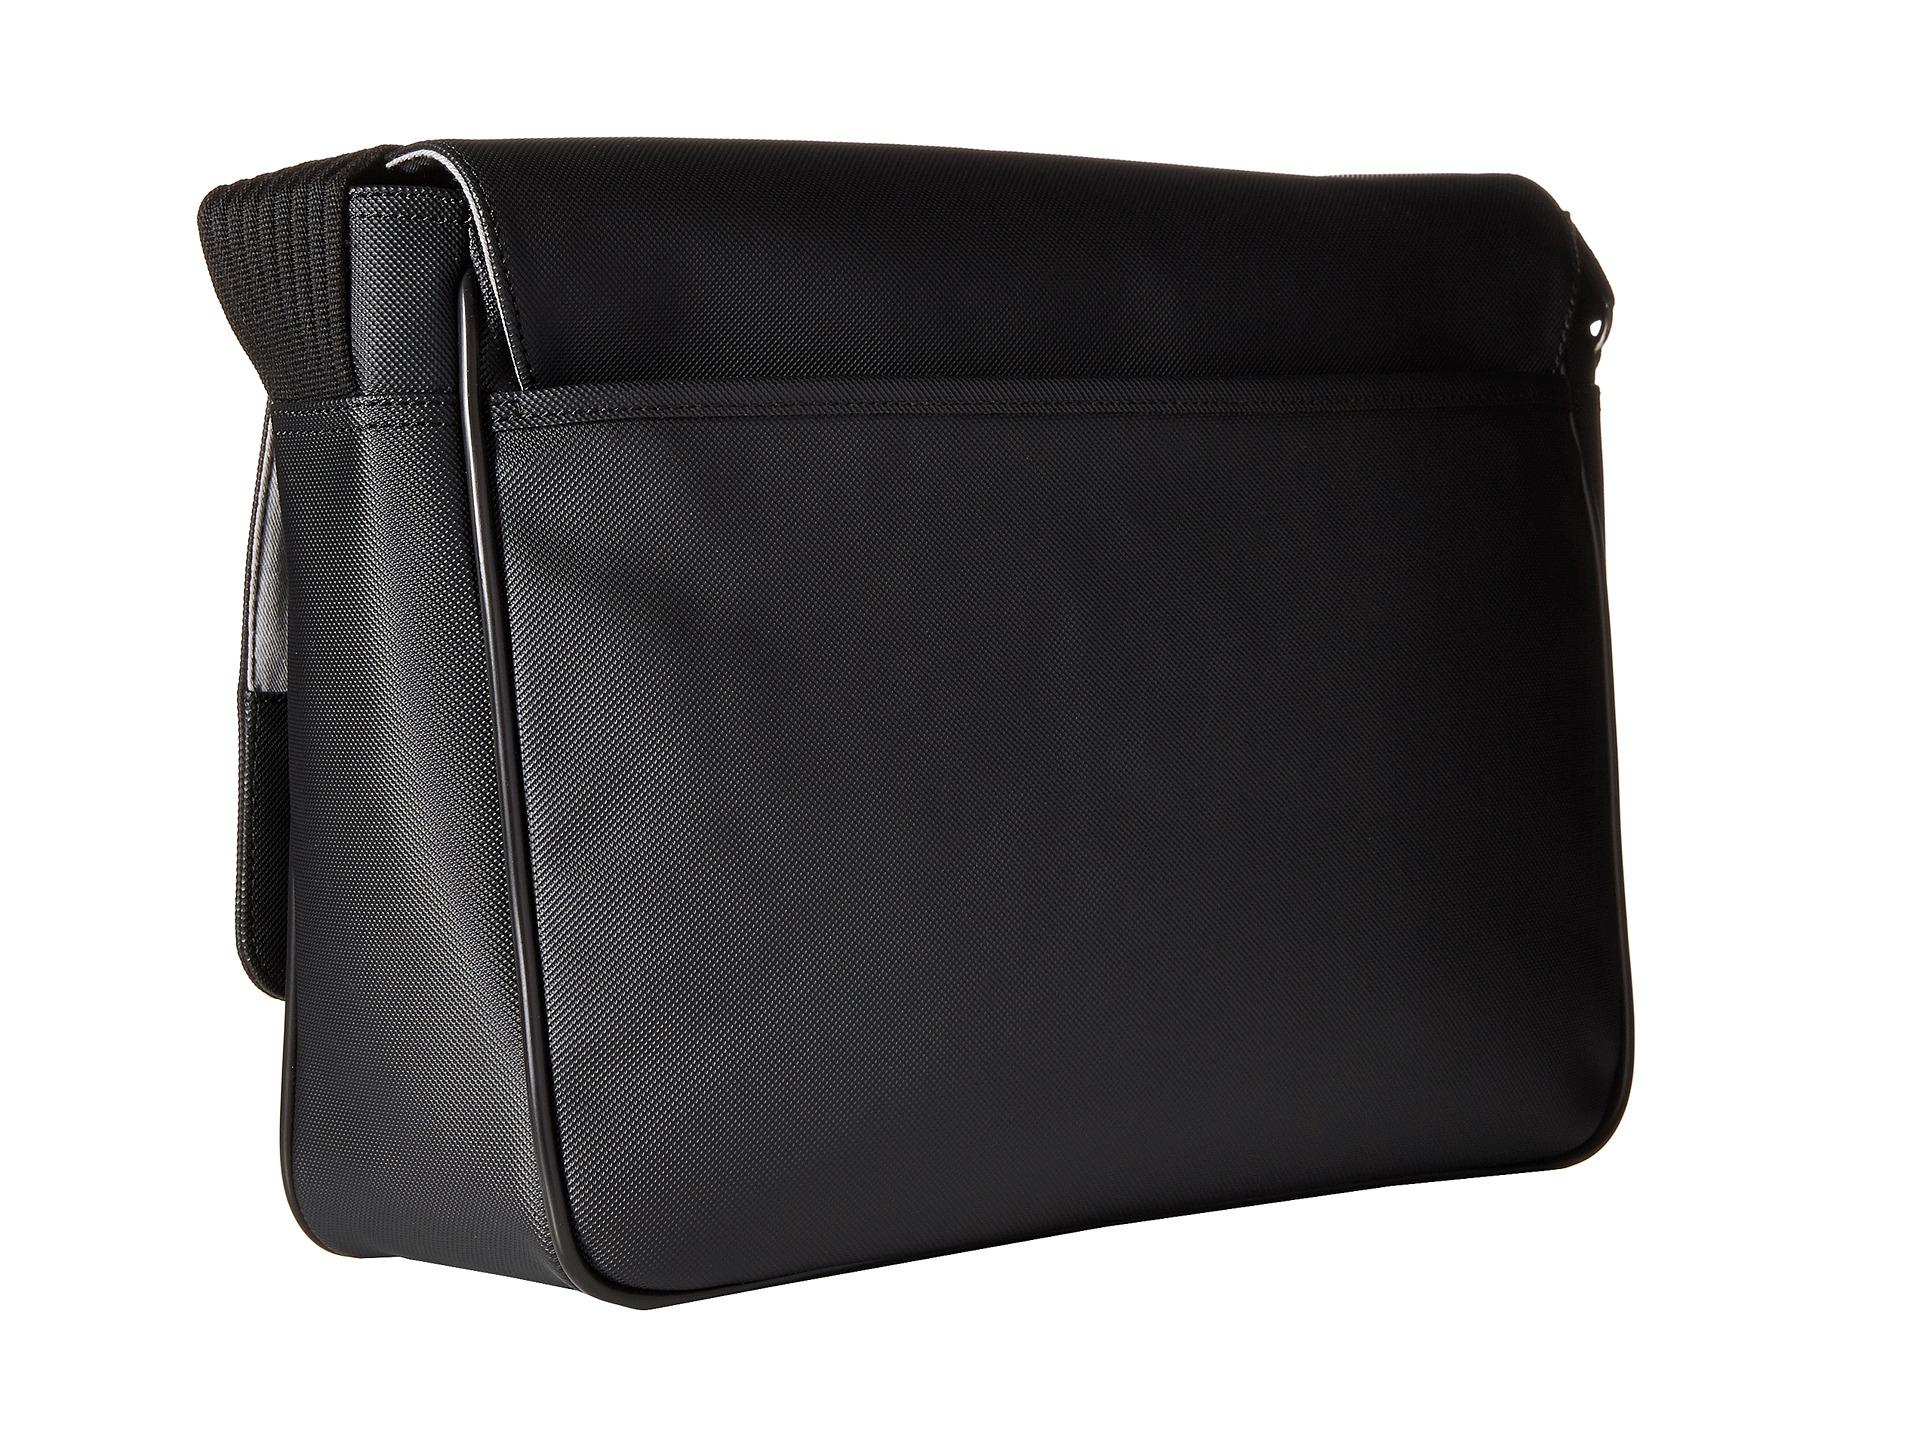 Lyst - Lacoste Classic Messenger Bag in Black for Men 105de56dce99a